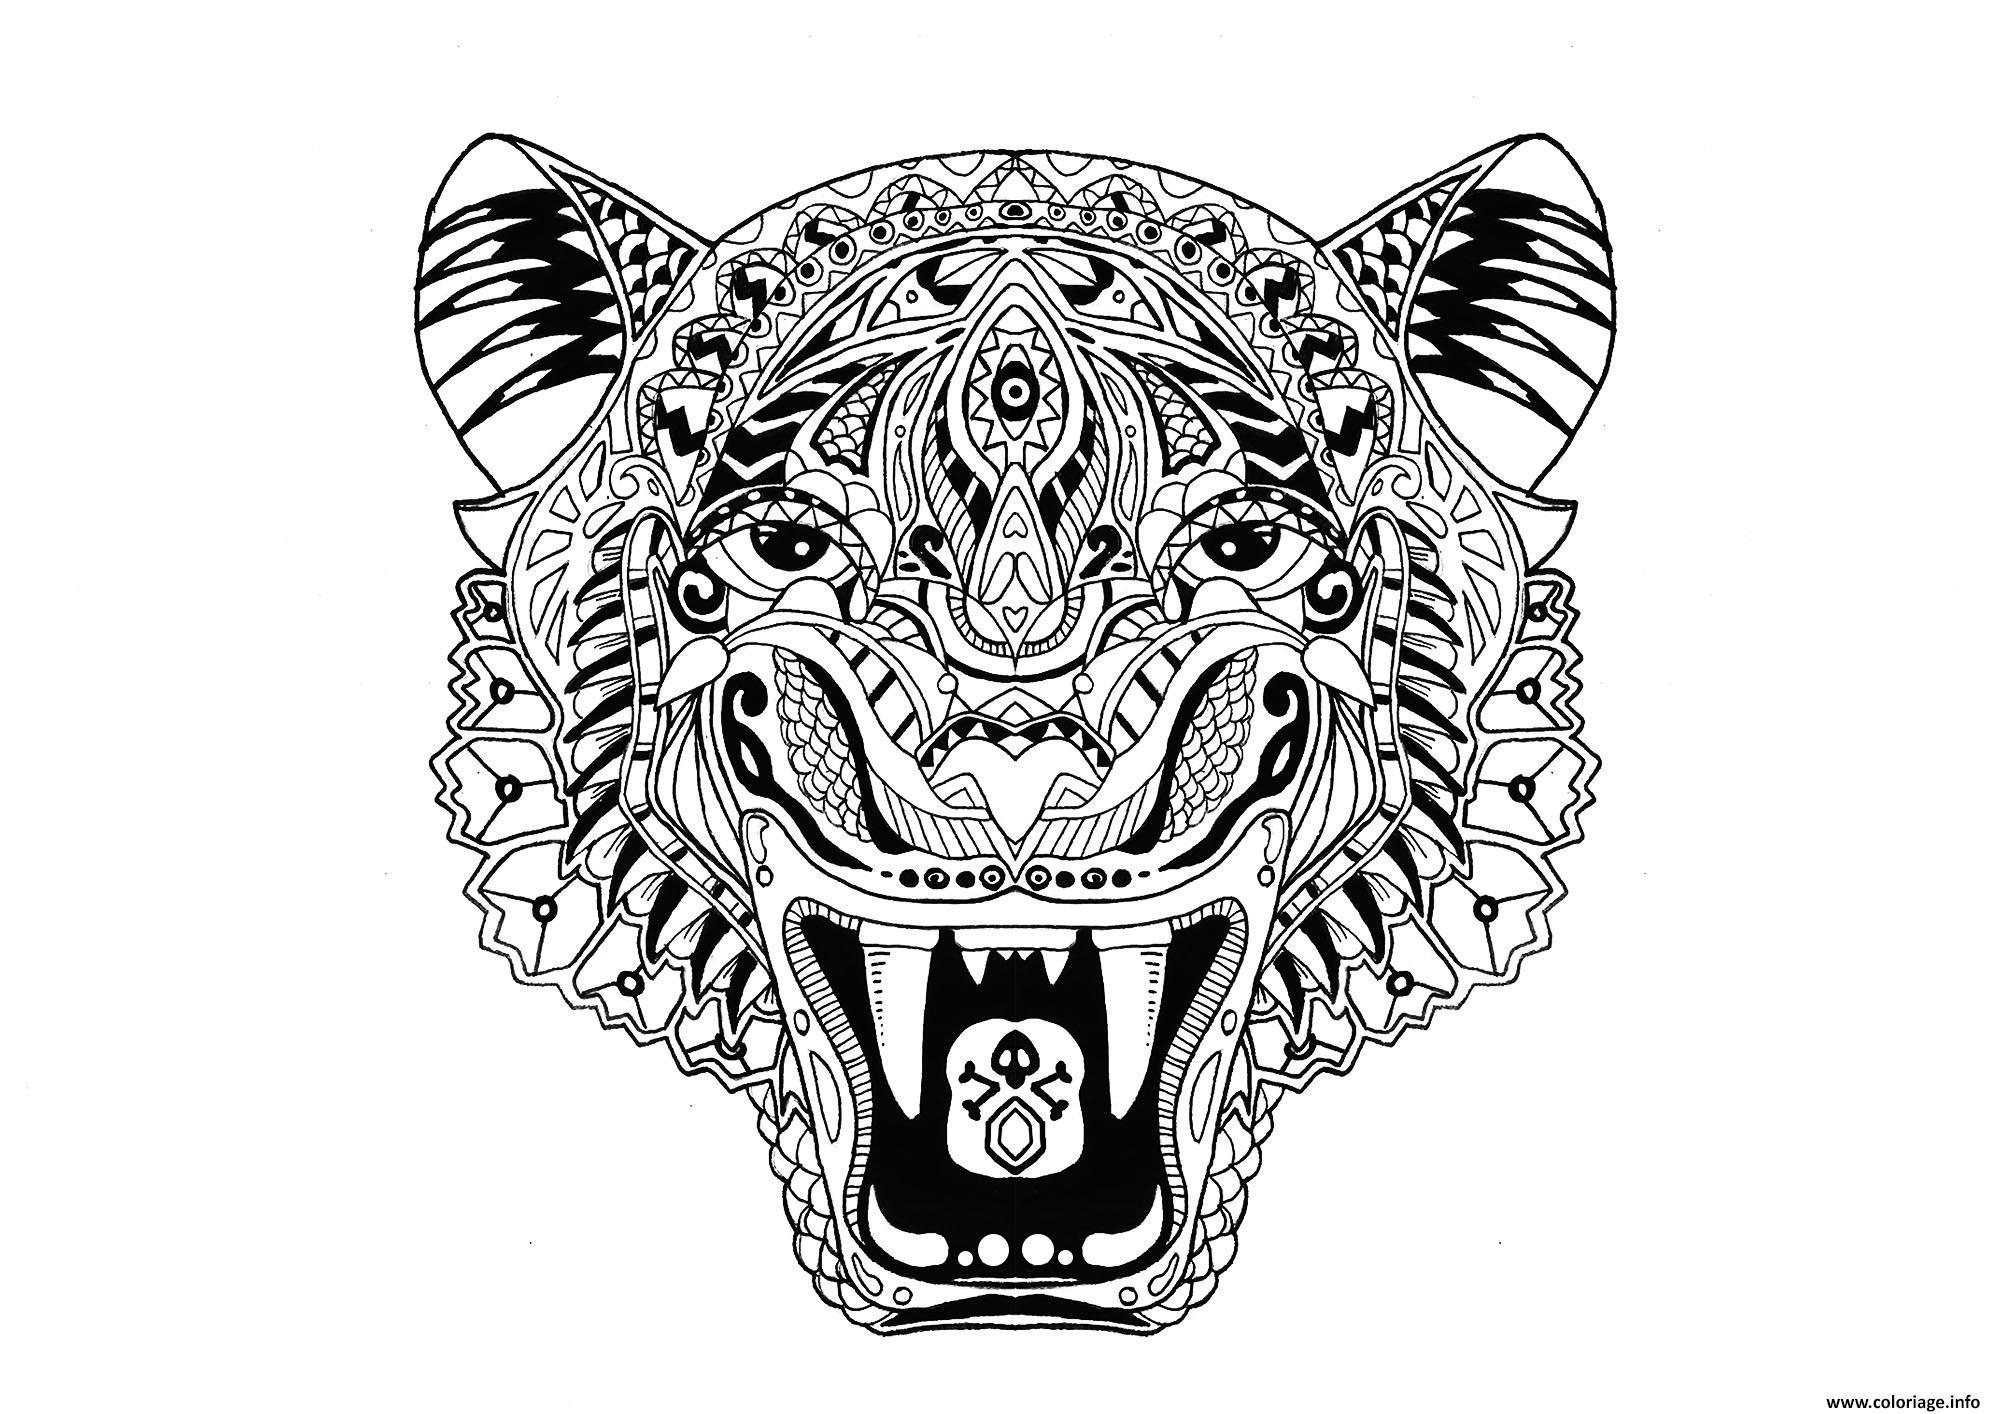 Dessin tigre adulte animal Coloriage Gratuit à Imprimer